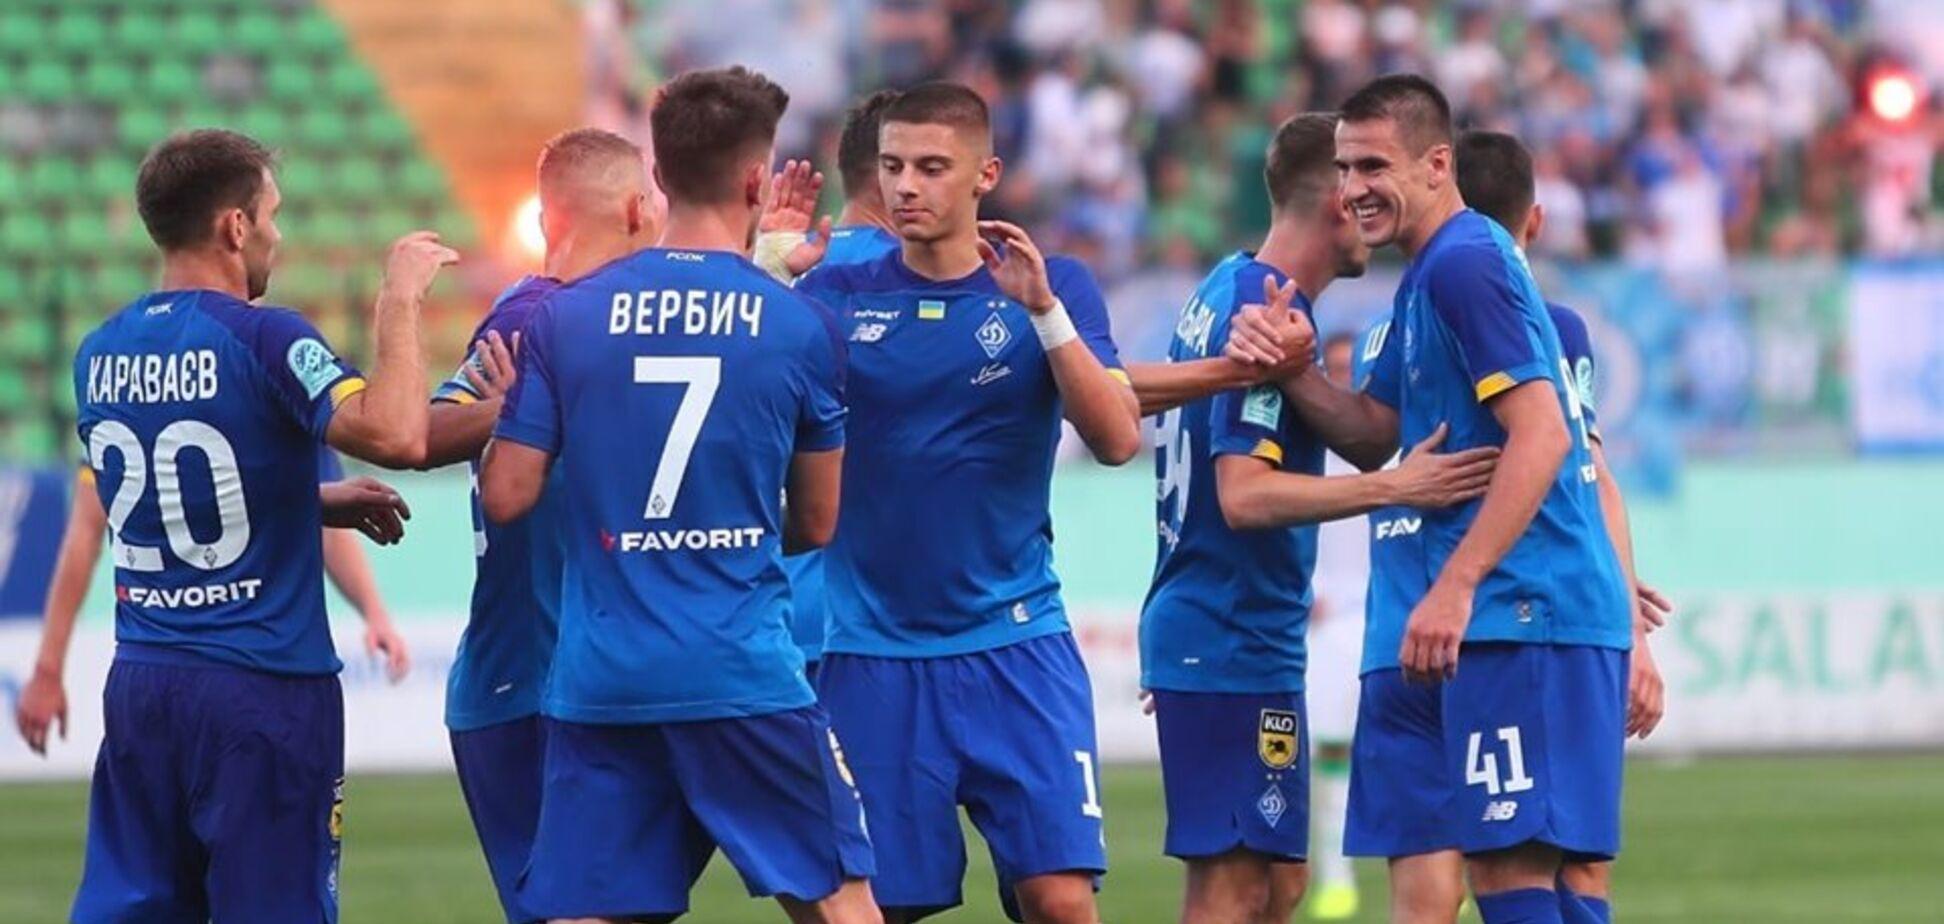 'Динамо' дізналося суперника у плей-офф Ліги чемпіонів